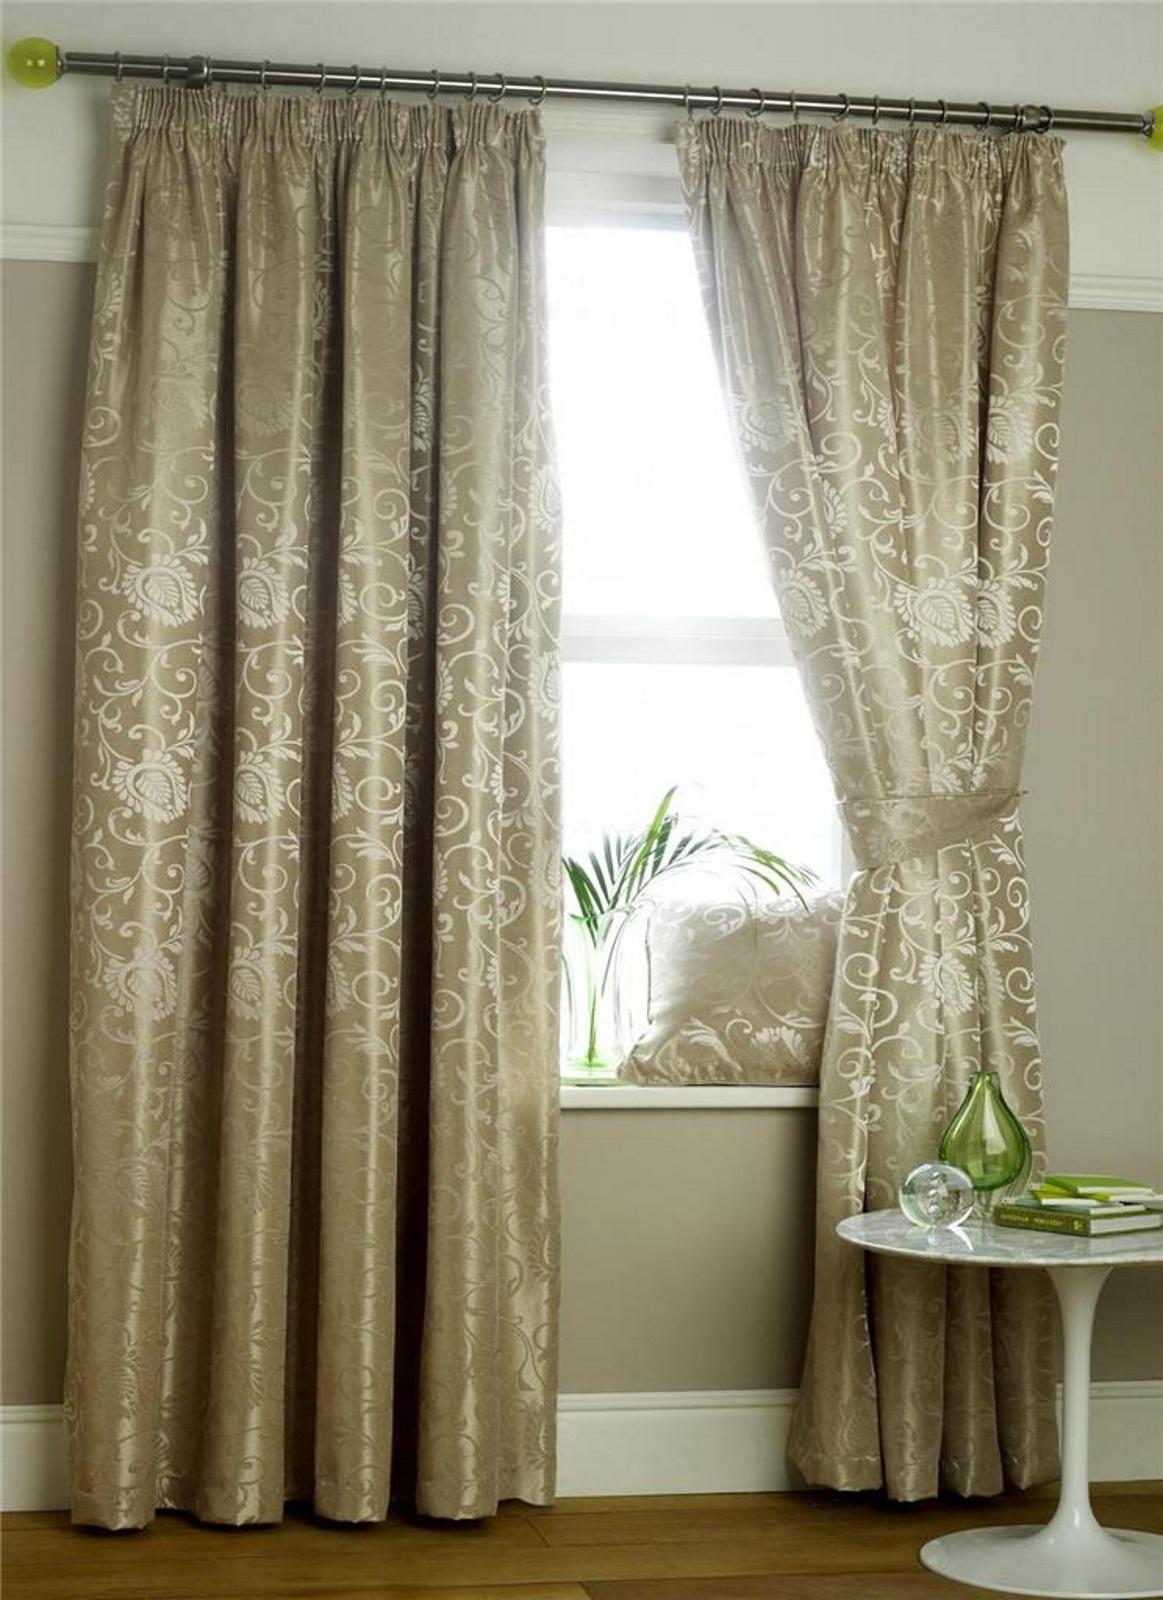 neu luxus mirabel blumen jacquard gardinen bleistiftfalten ausgekleidet panel ebay. Black Bedroom Furniture Sets. Home Design Ideas